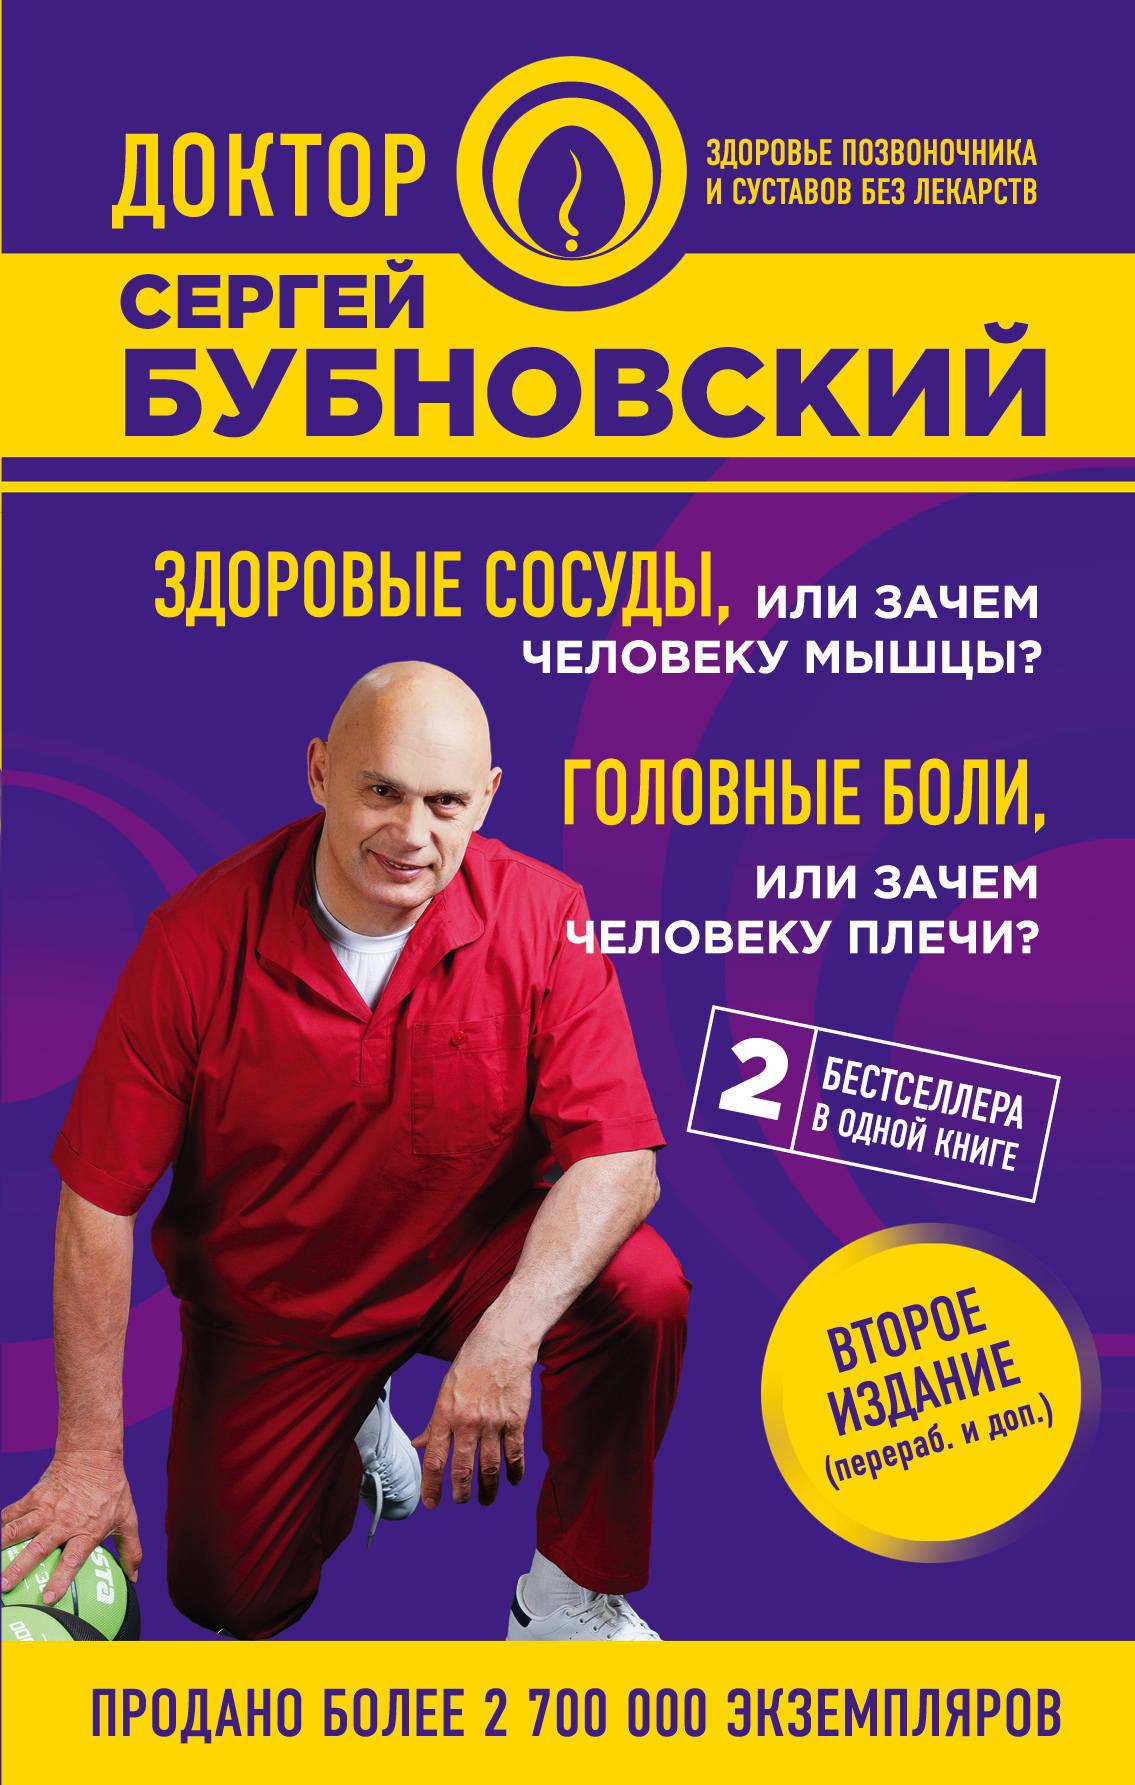 Сергей Бубновский Здоровые сосуды, или Зачем человеку мышцы? Головные боли, или Зачем человеку плечи?